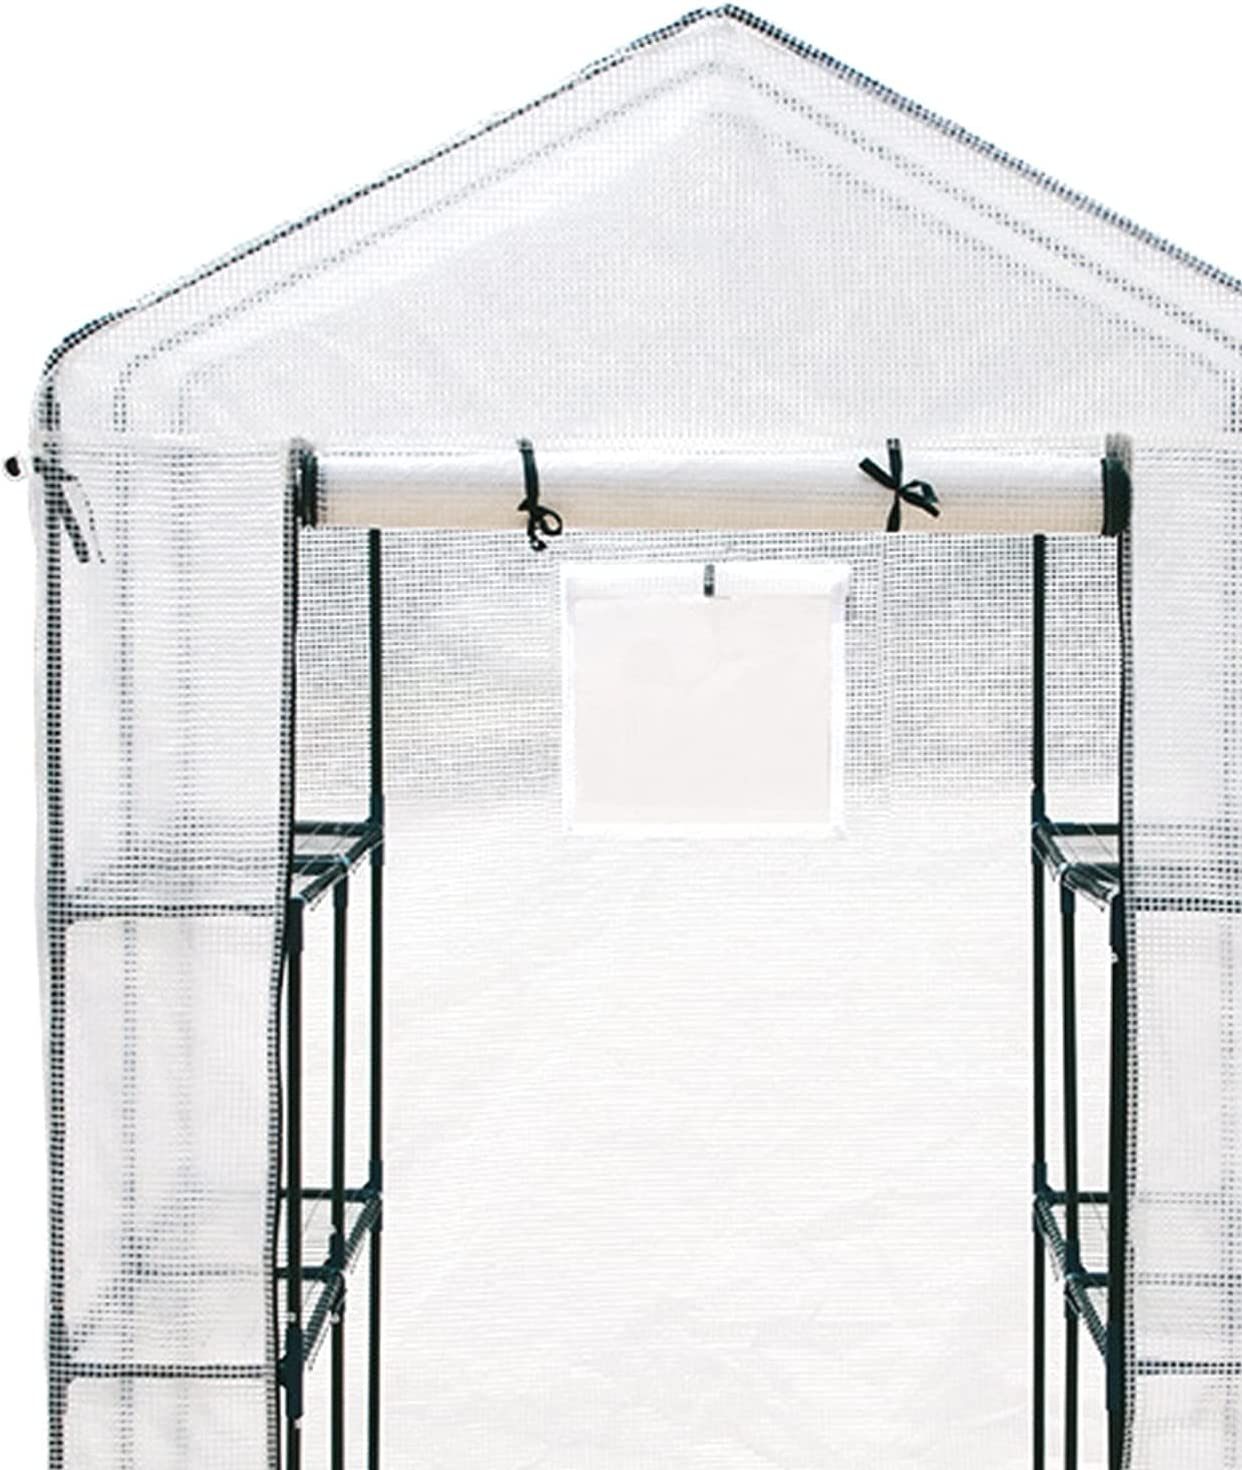 PPLAS Guanario de jardín al Aire Libre 3 Capas Grandes Caminatas Invernadero con Marco de Acero EDUCACIÓN FÍSICA Cubierta de Tela de Malla guardería ventilada Caliente (Size : Single Grid)